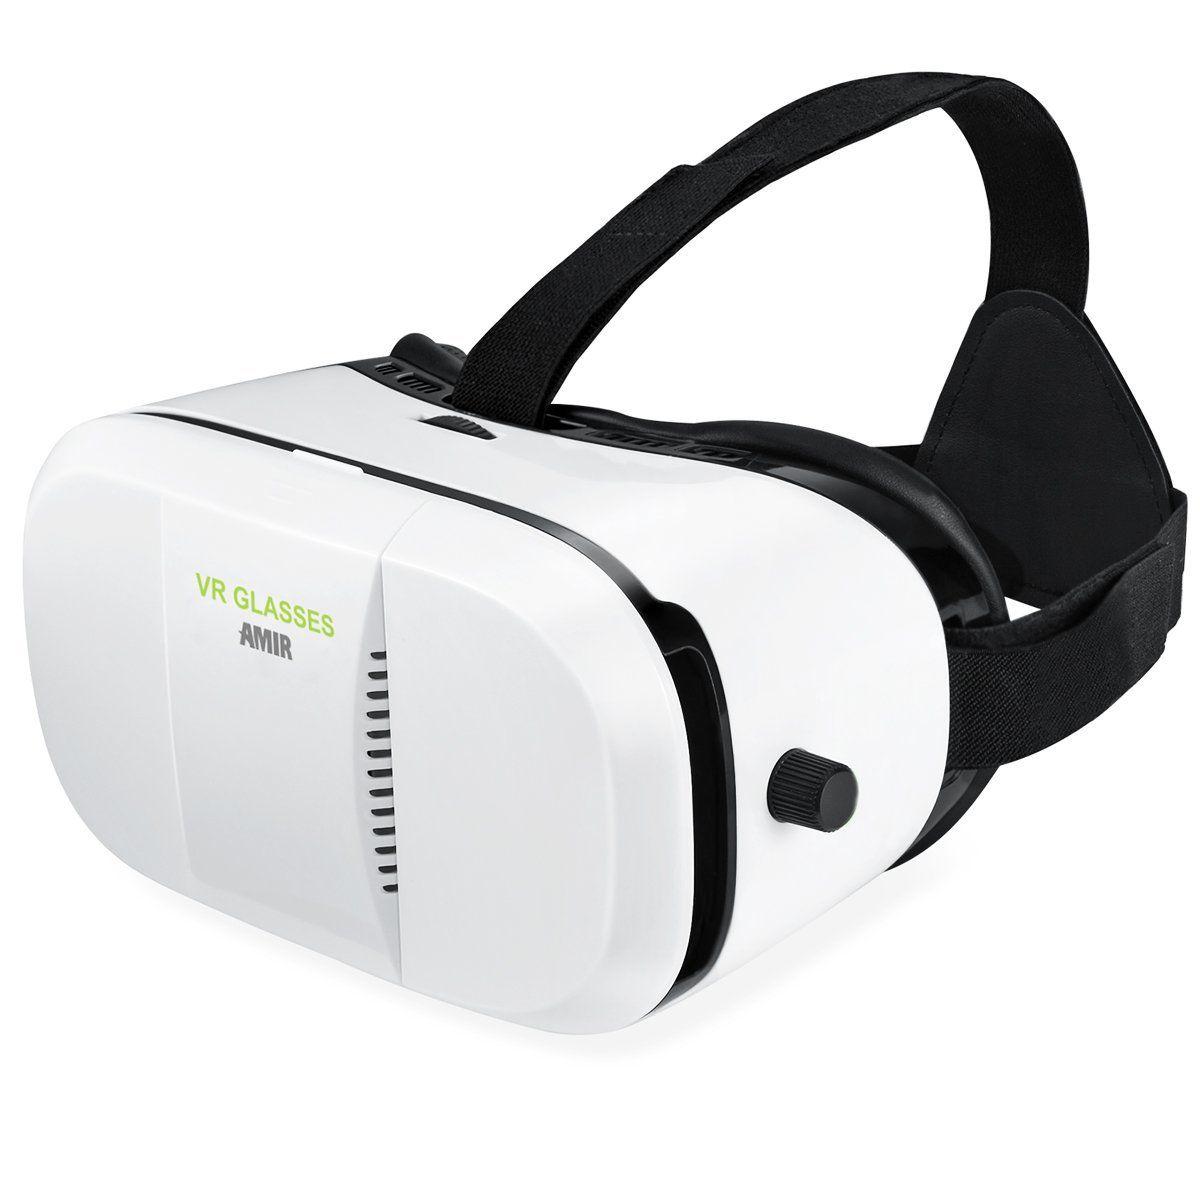 Amir 3D Virtual Reality Headset Test - Eine beliebte VR ...